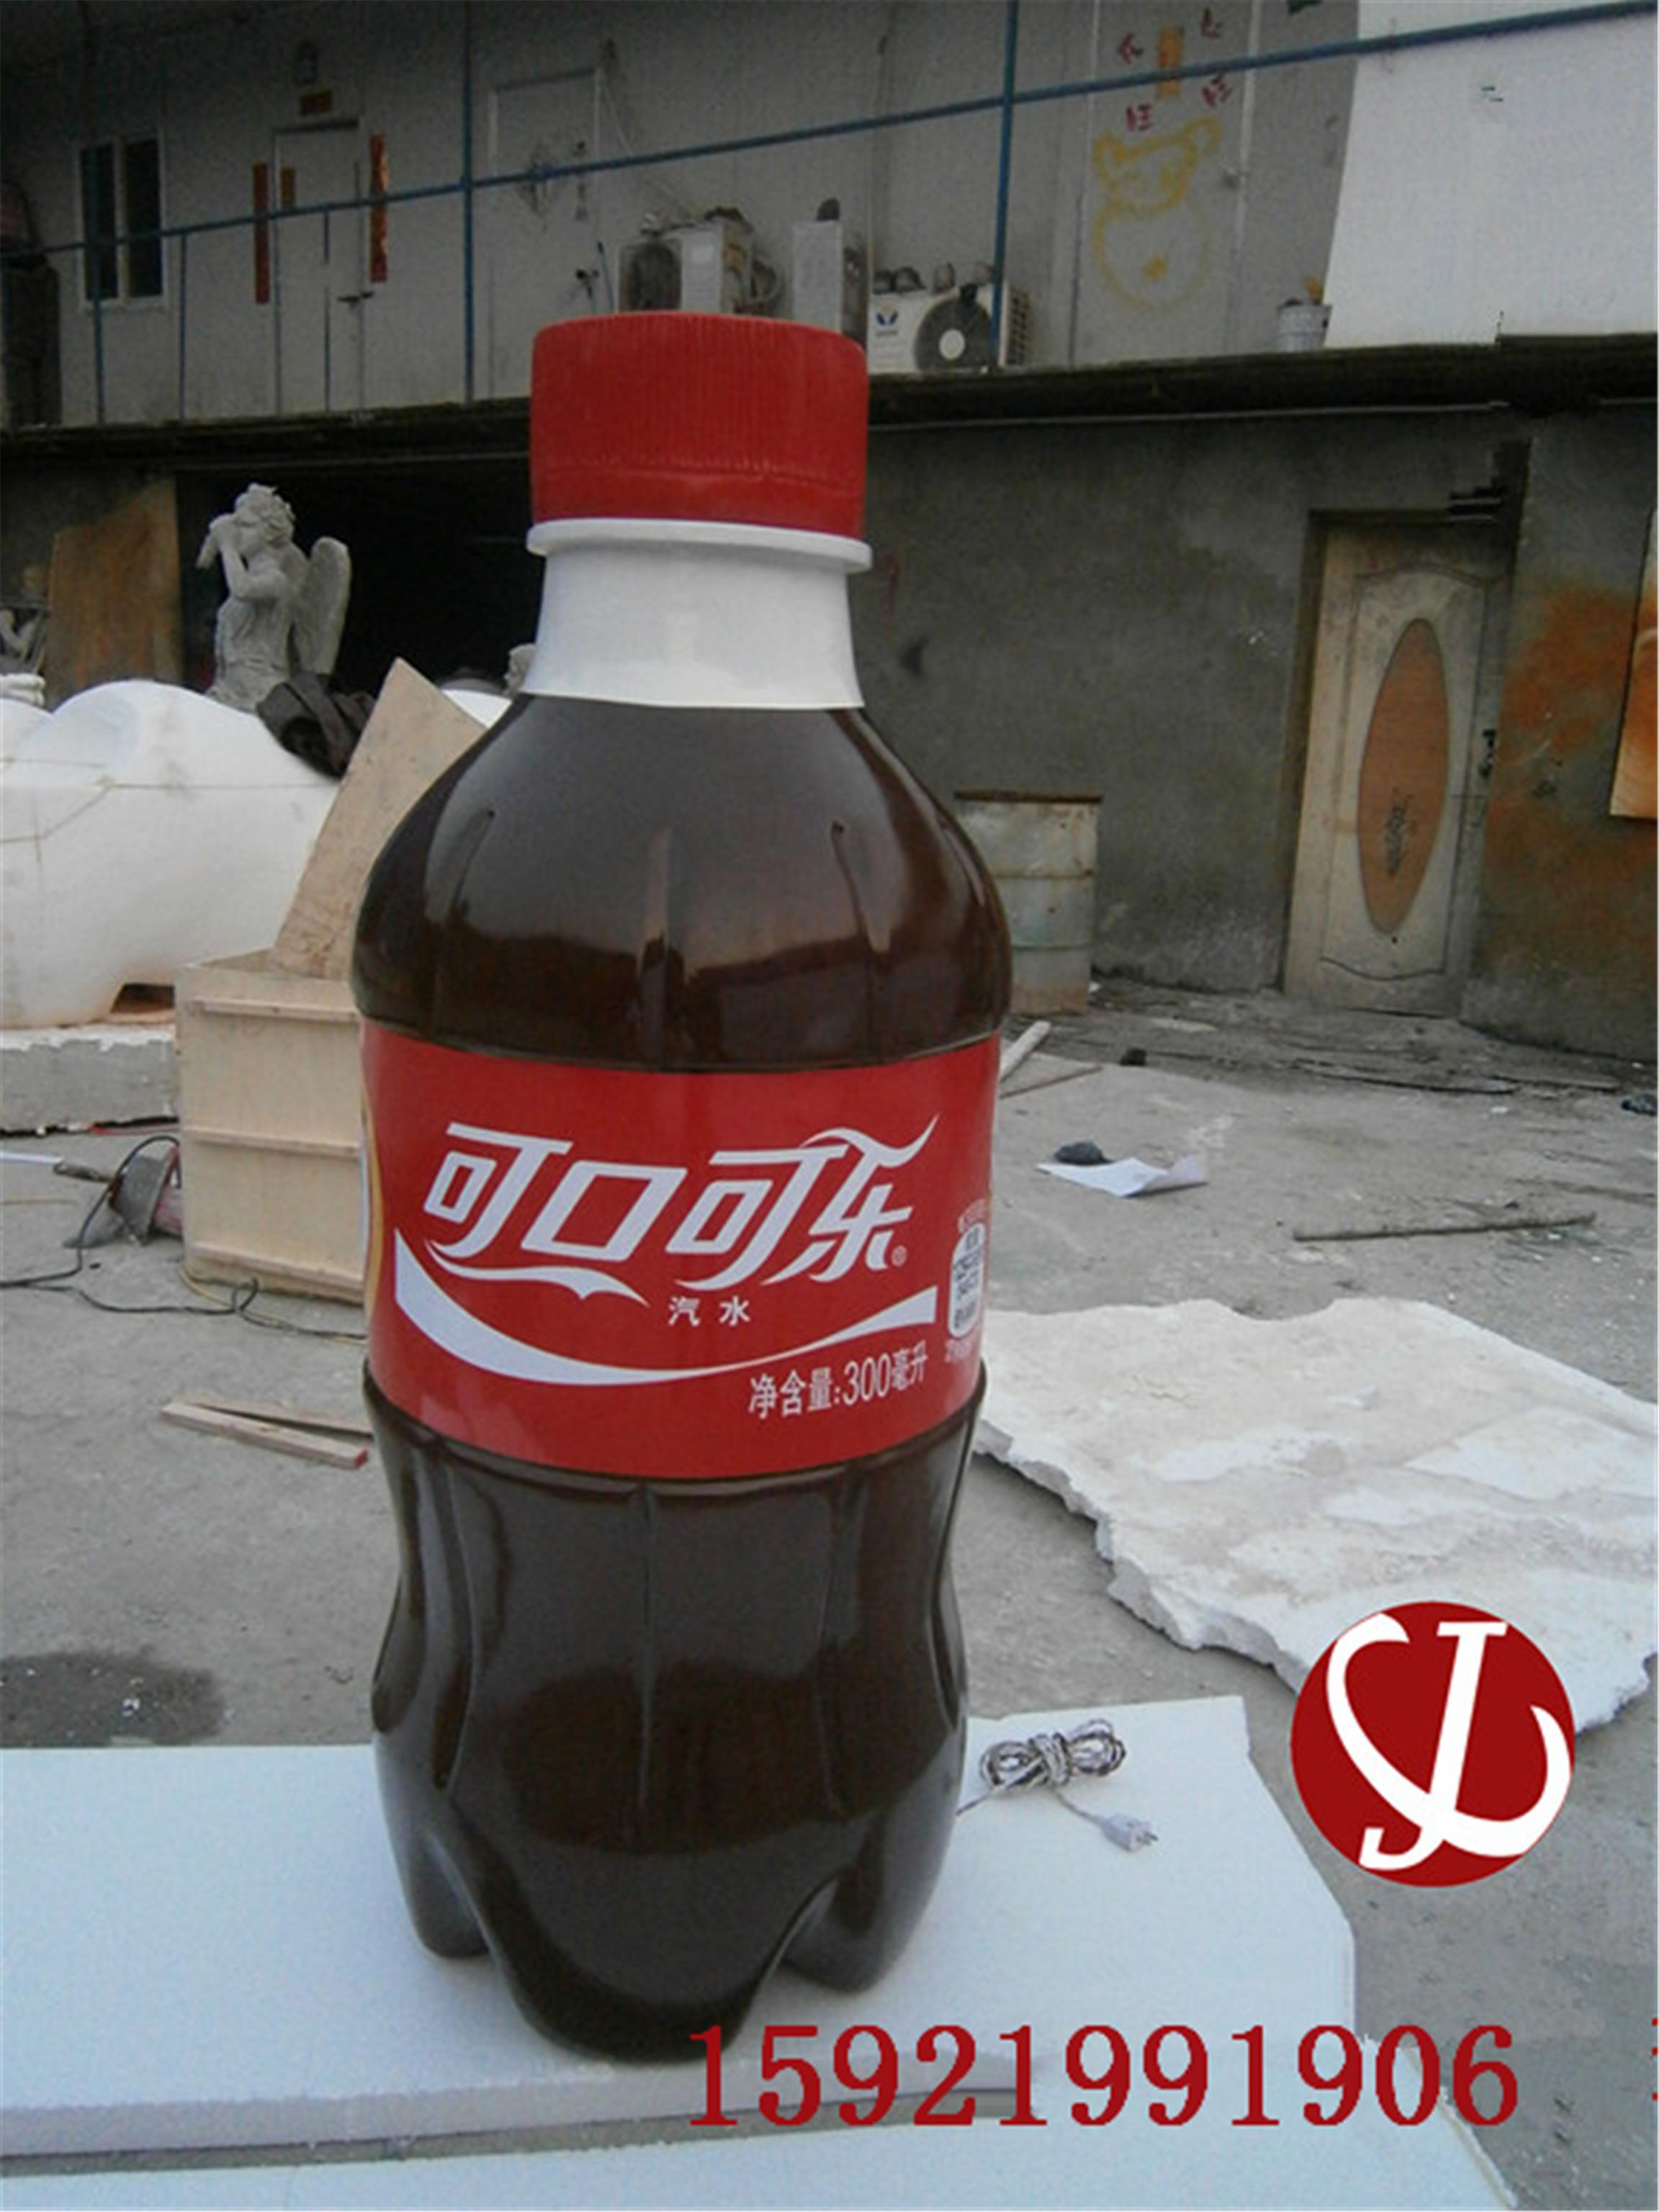 瓶身雕塑模型